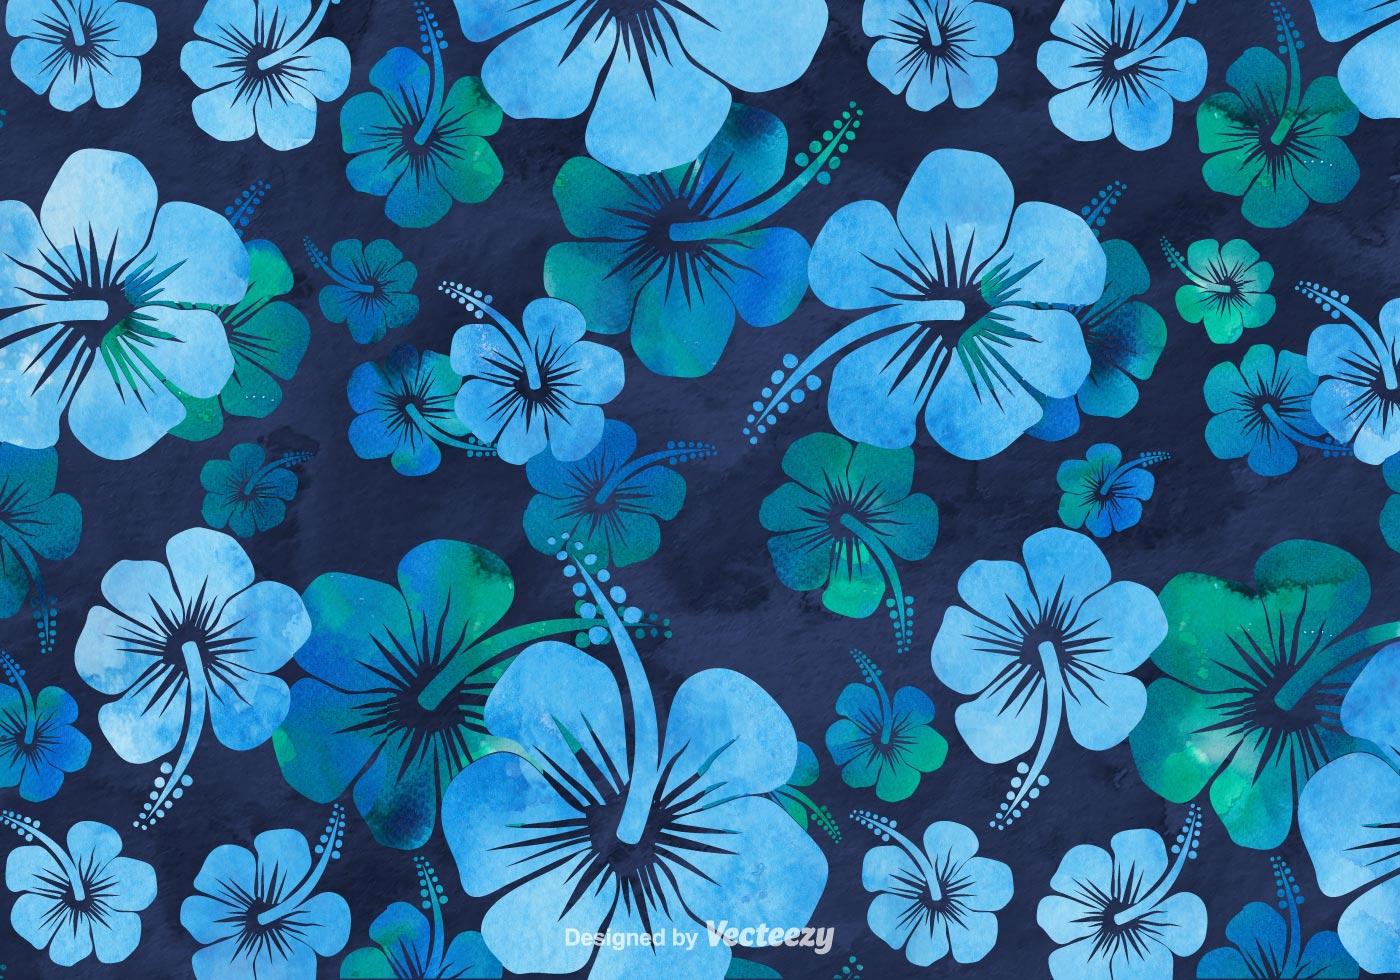 hibiscus watercolor background download free vector art